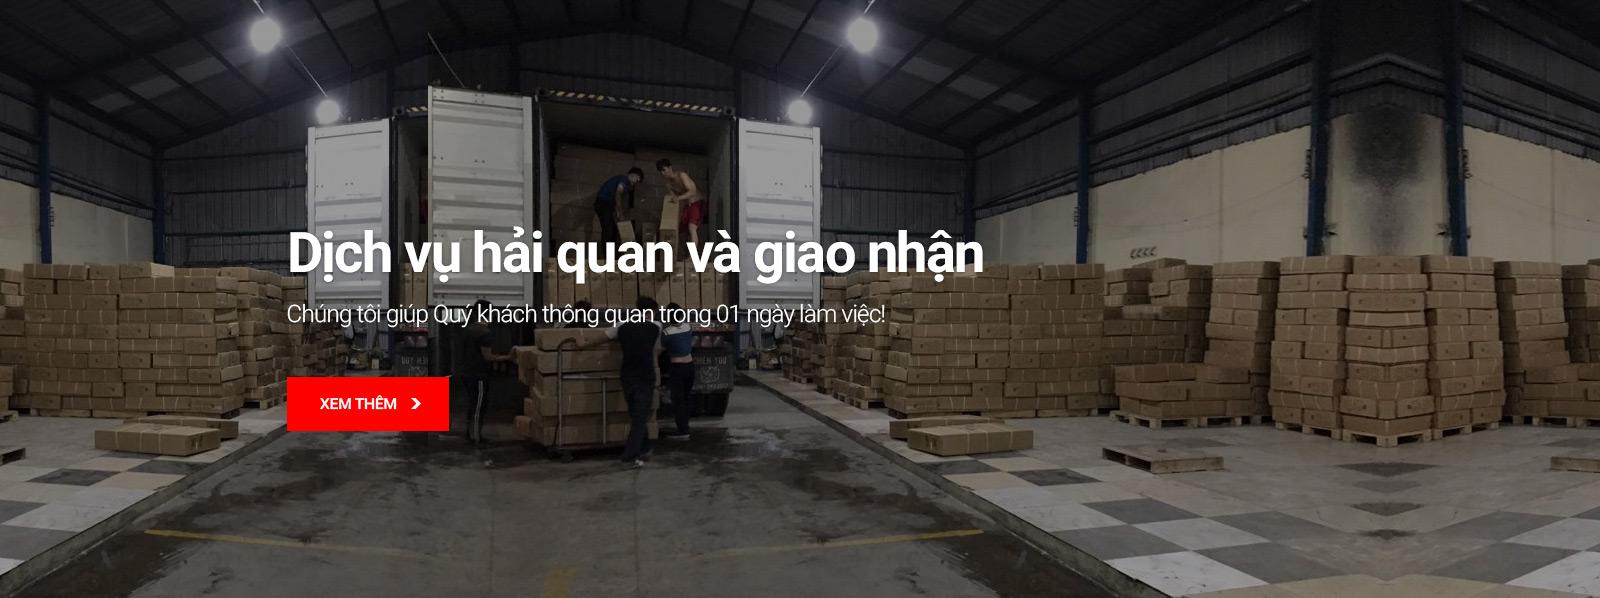 Dịch vụ hải quan xuất nhập khẩu Mison Trans